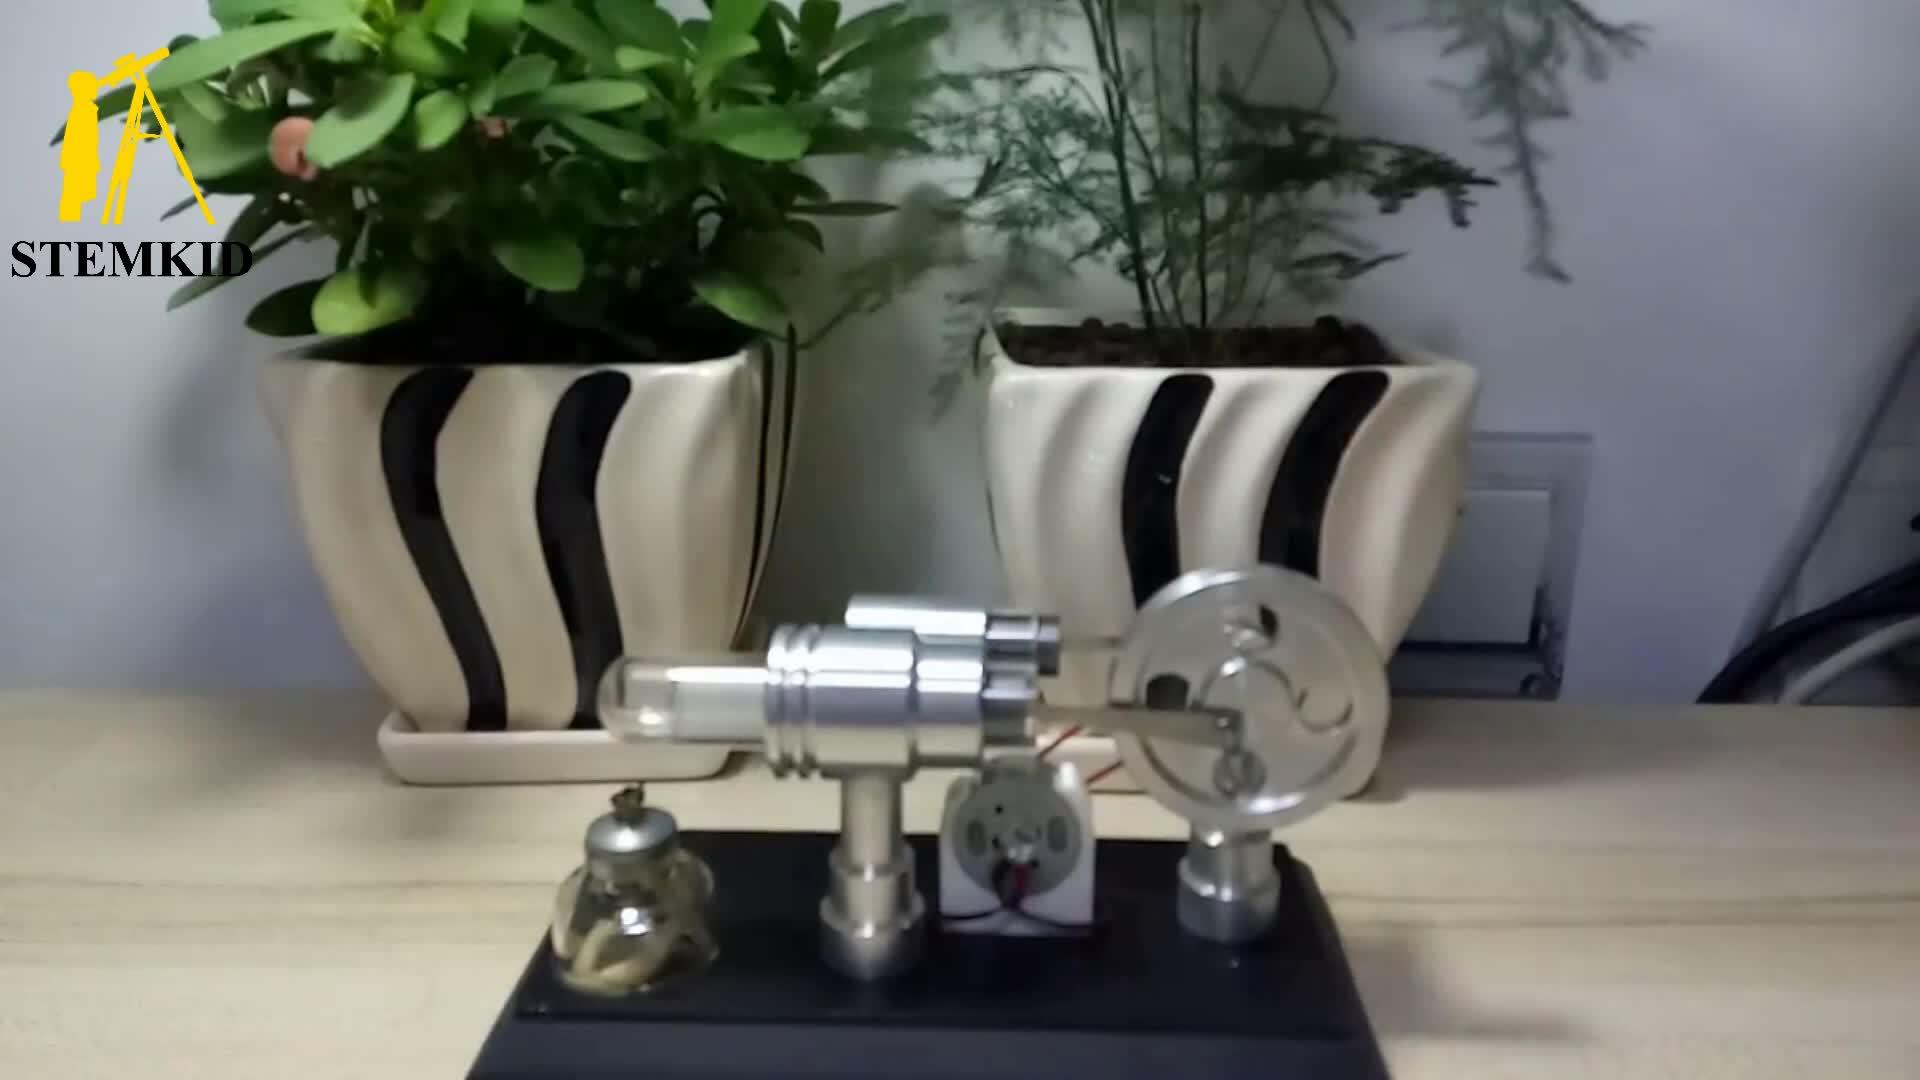 Генератор с цветным светодиодным питанием от Стирлинга модель паровой двигатель Китай